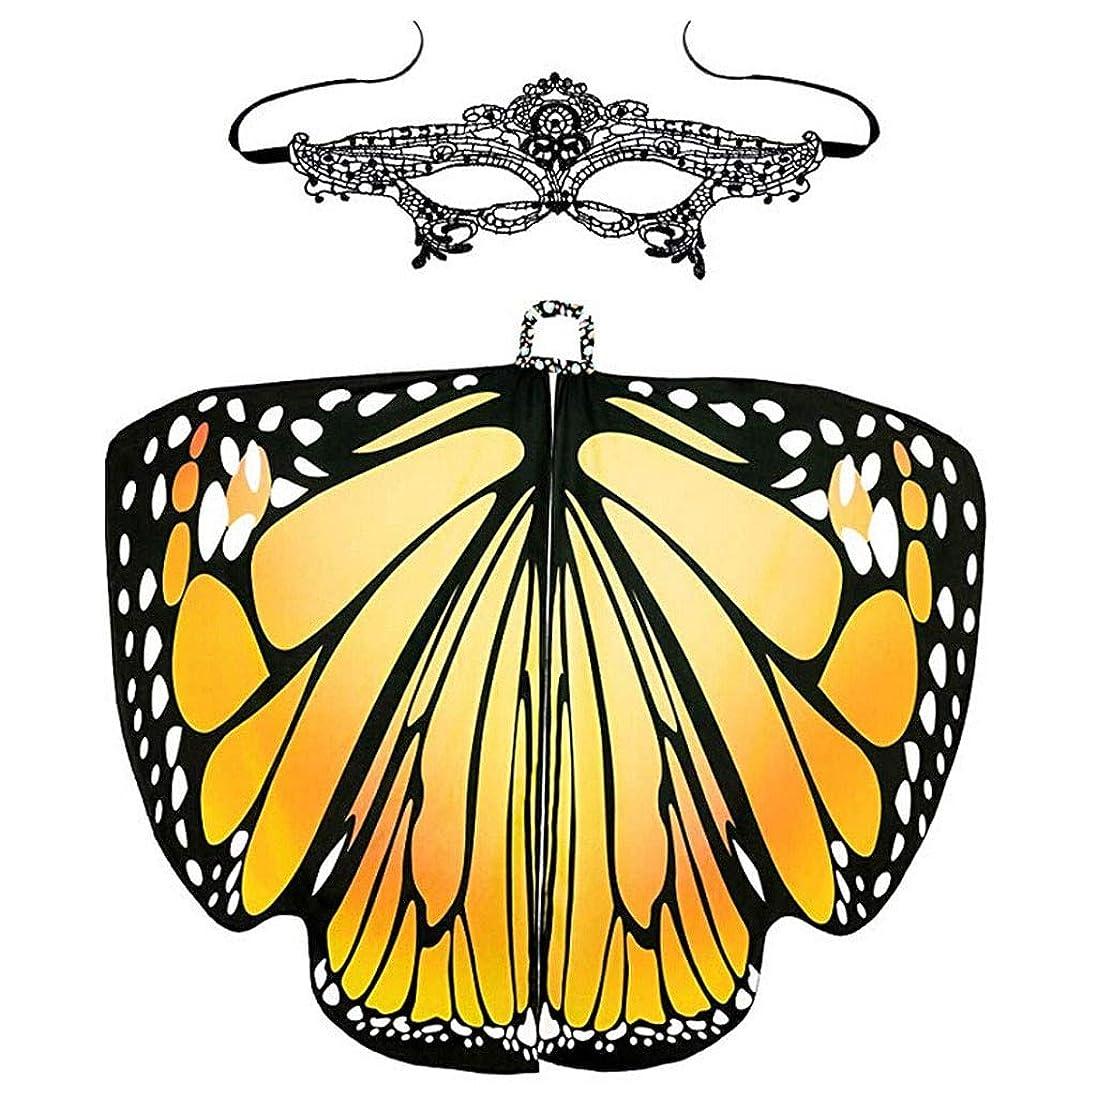 部開始百万注アウトトップ新しい高品質女性蝶の羽ショール妖精レディースマント付きマスク装飾用パーティーギフトファッション#30